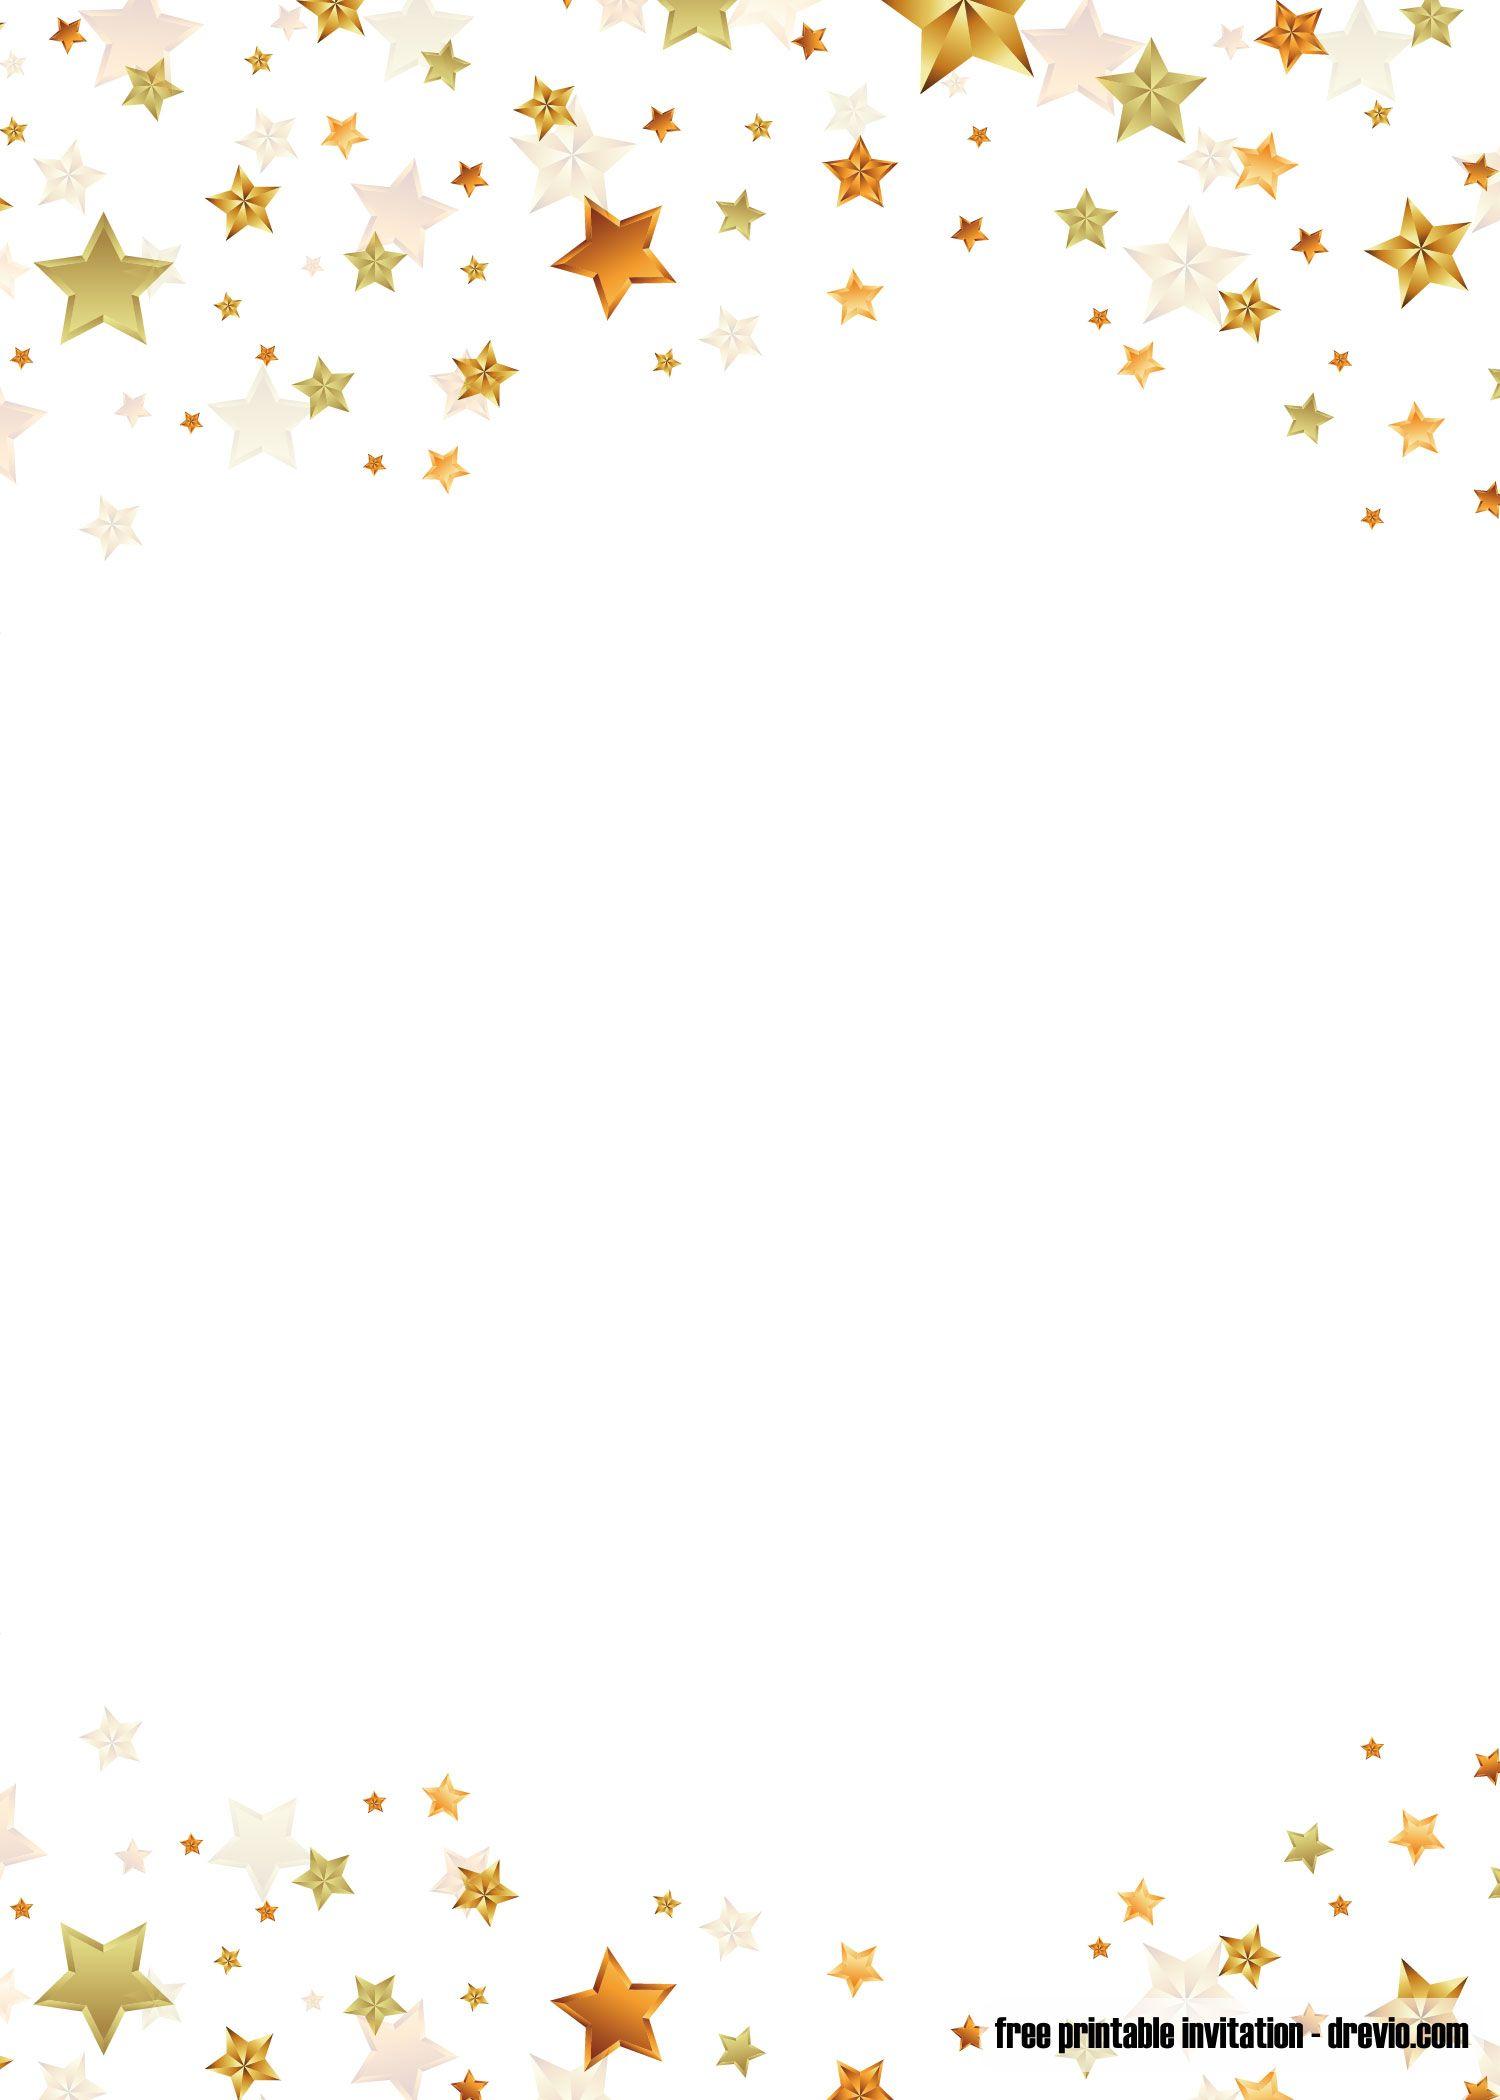 FREE Printable Twinkle Twinkle Little Star Invitation.